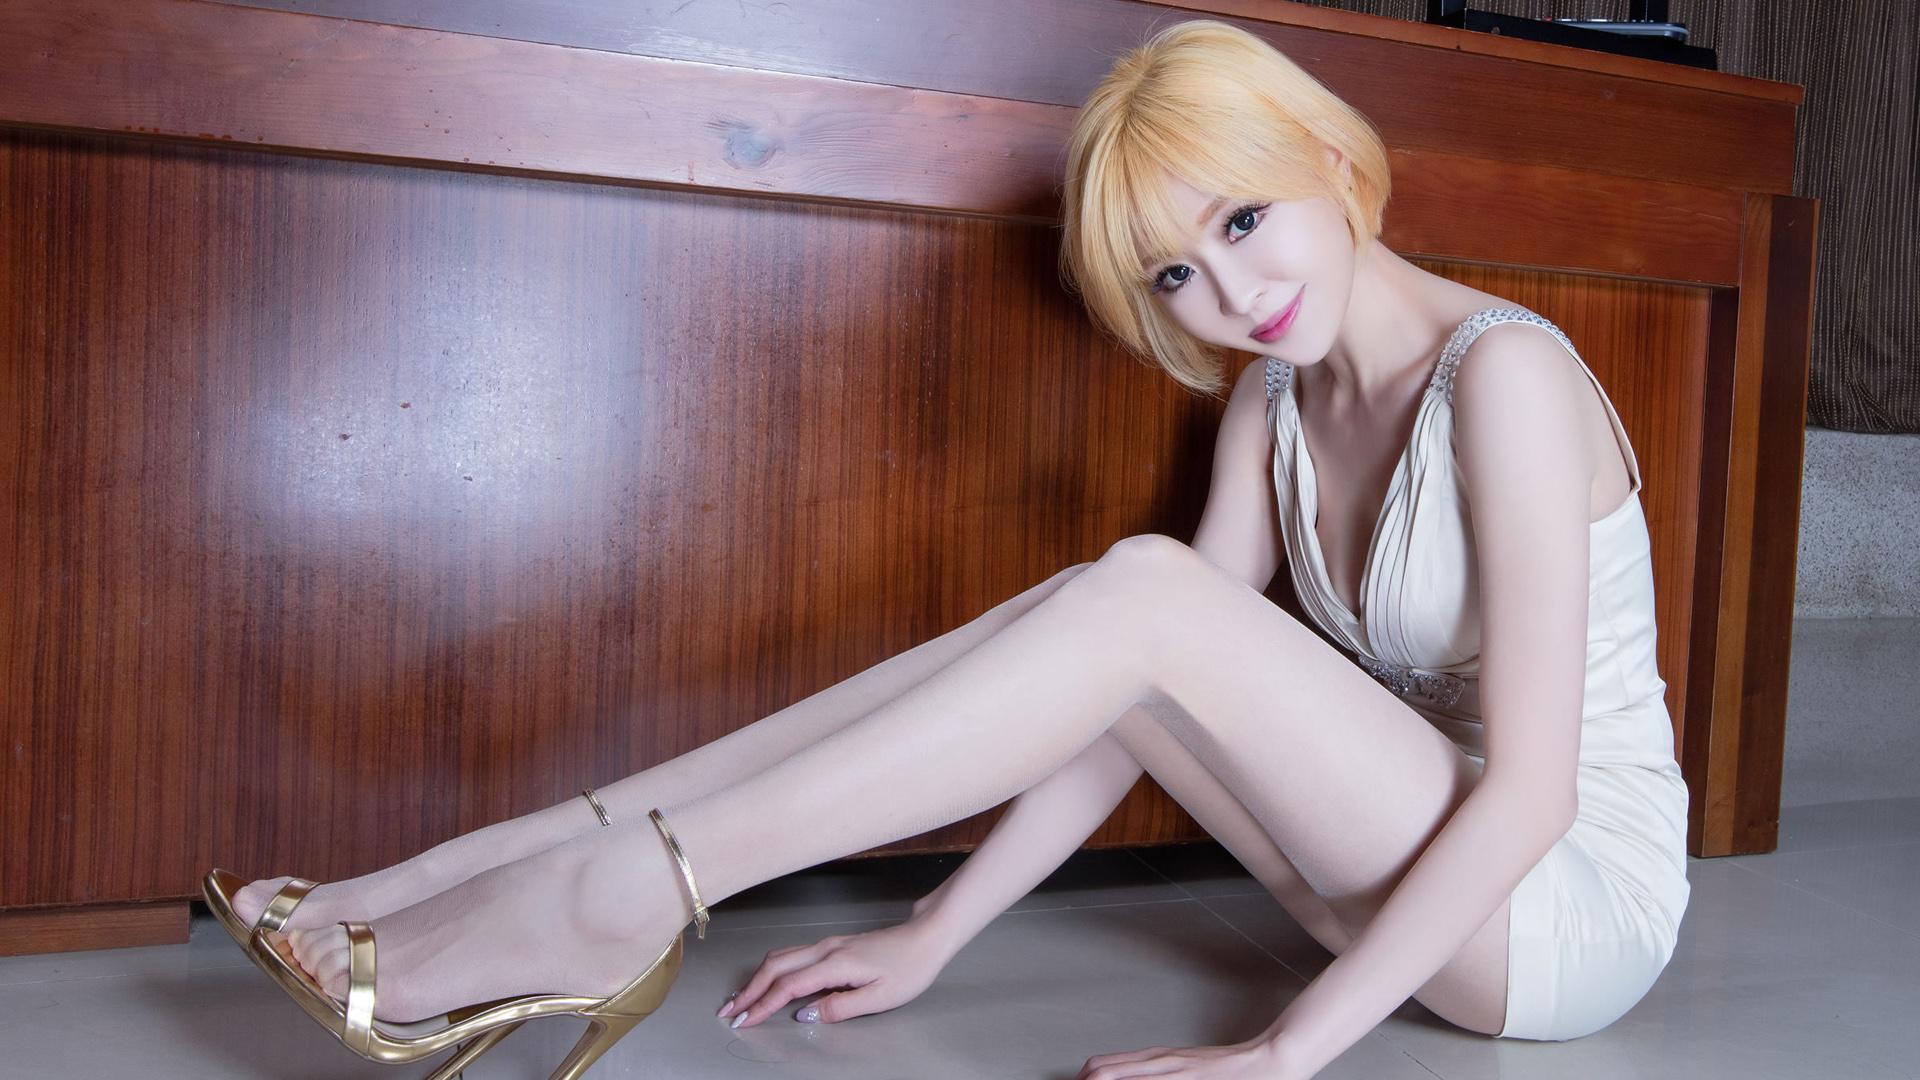 miniskirt high heels asian